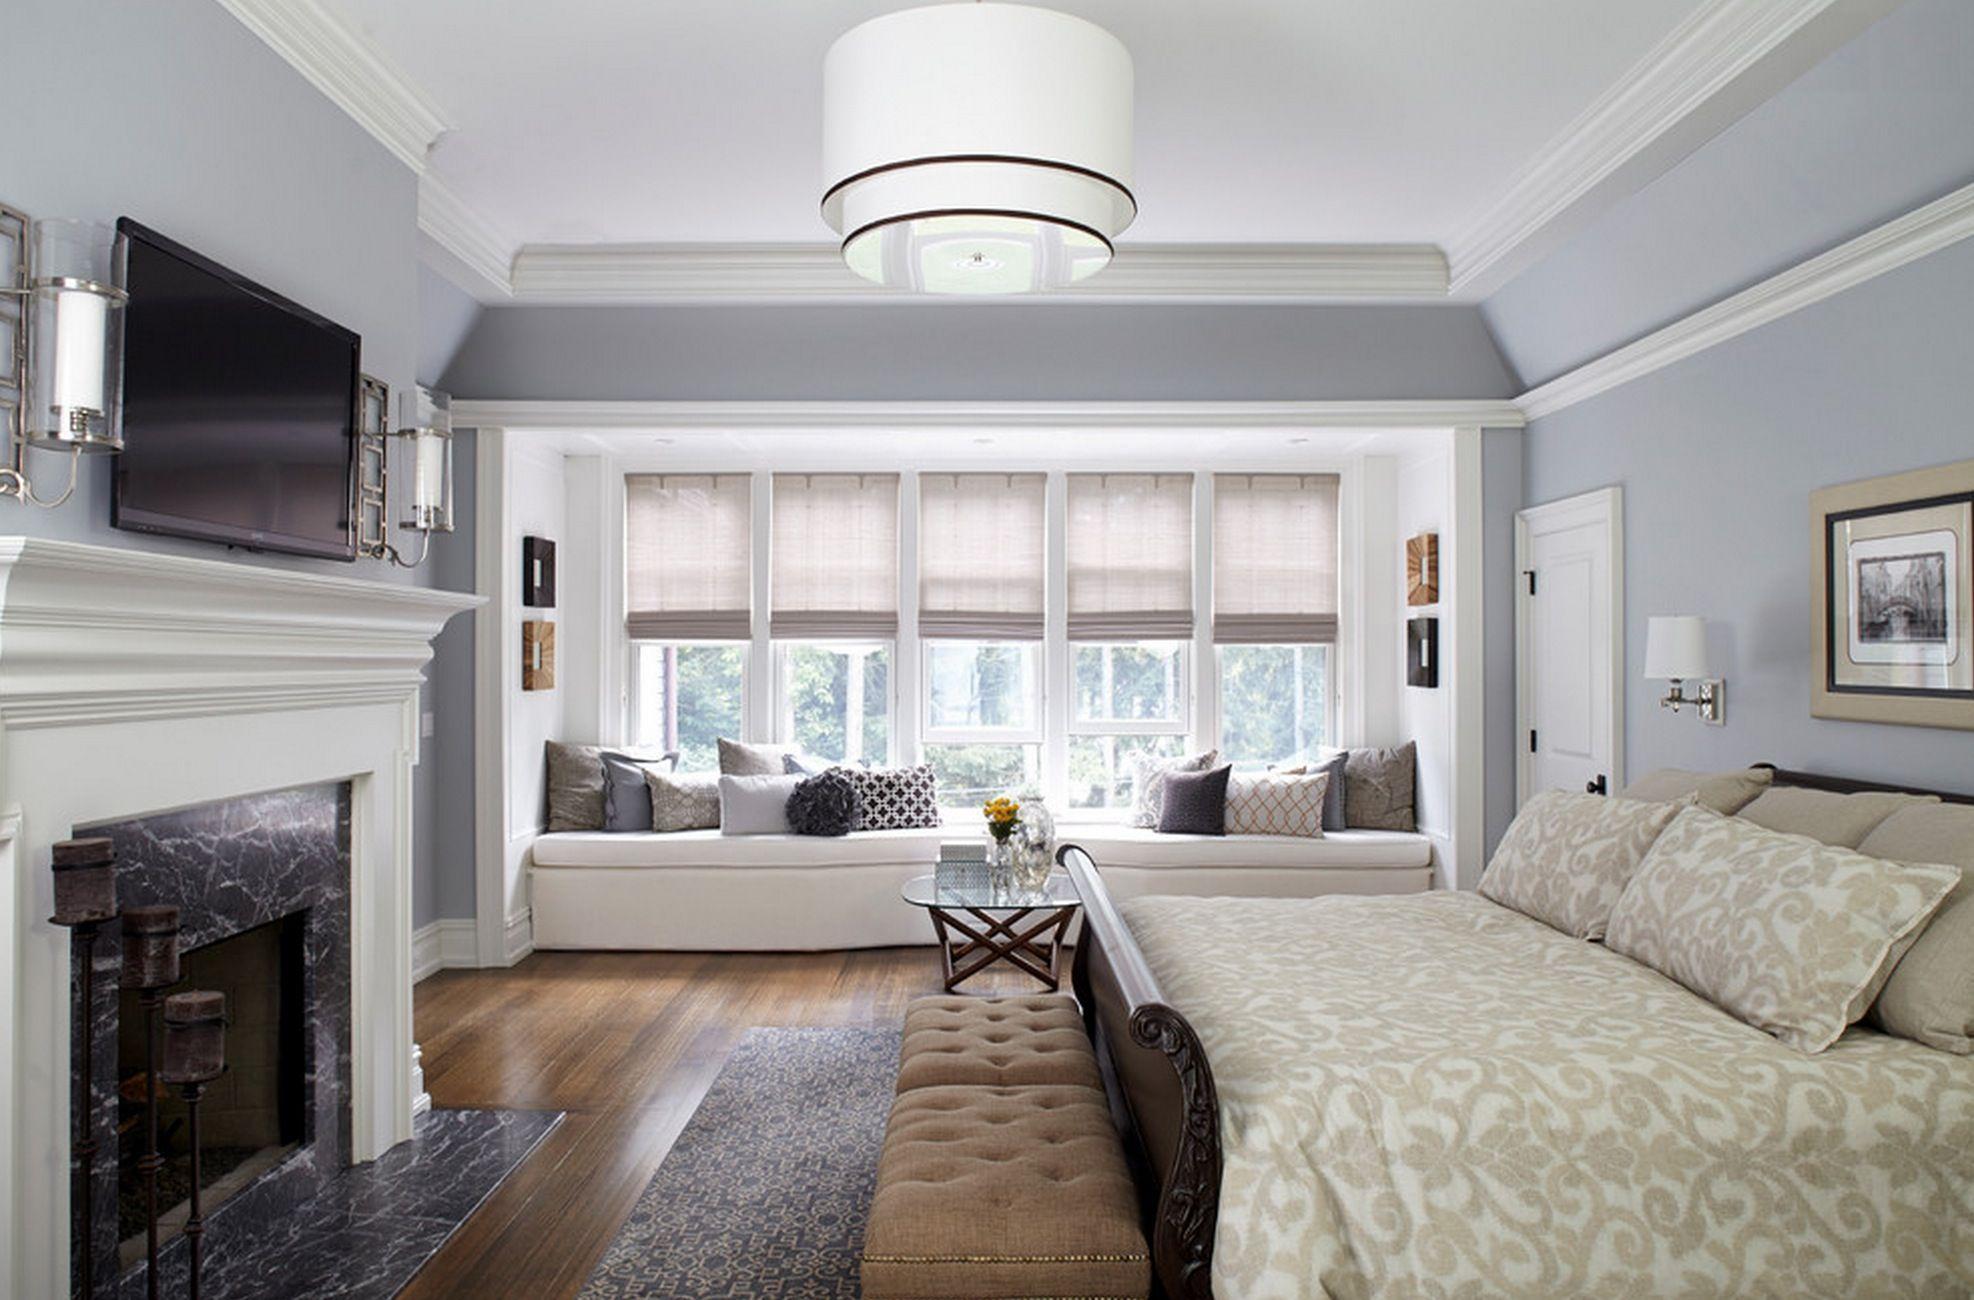 Bedroom Design August 2014 104